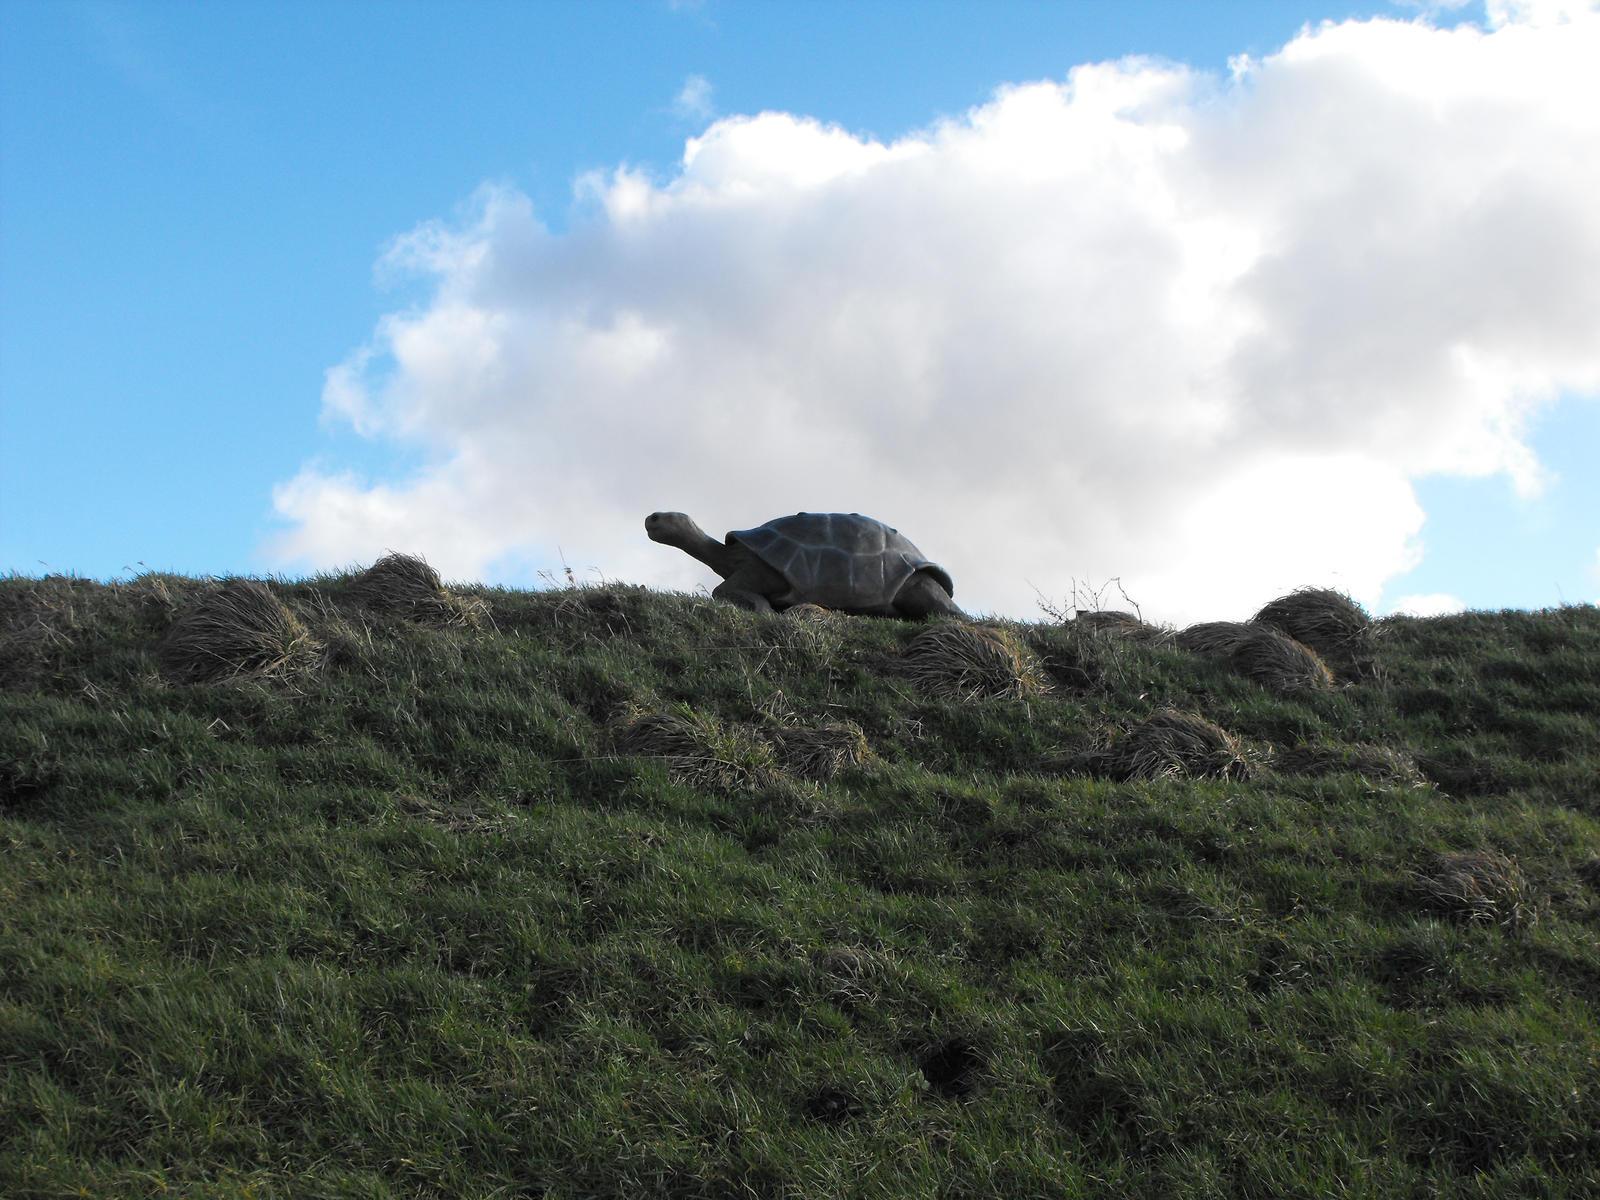 Tortoise in the sky by Julesjustjules